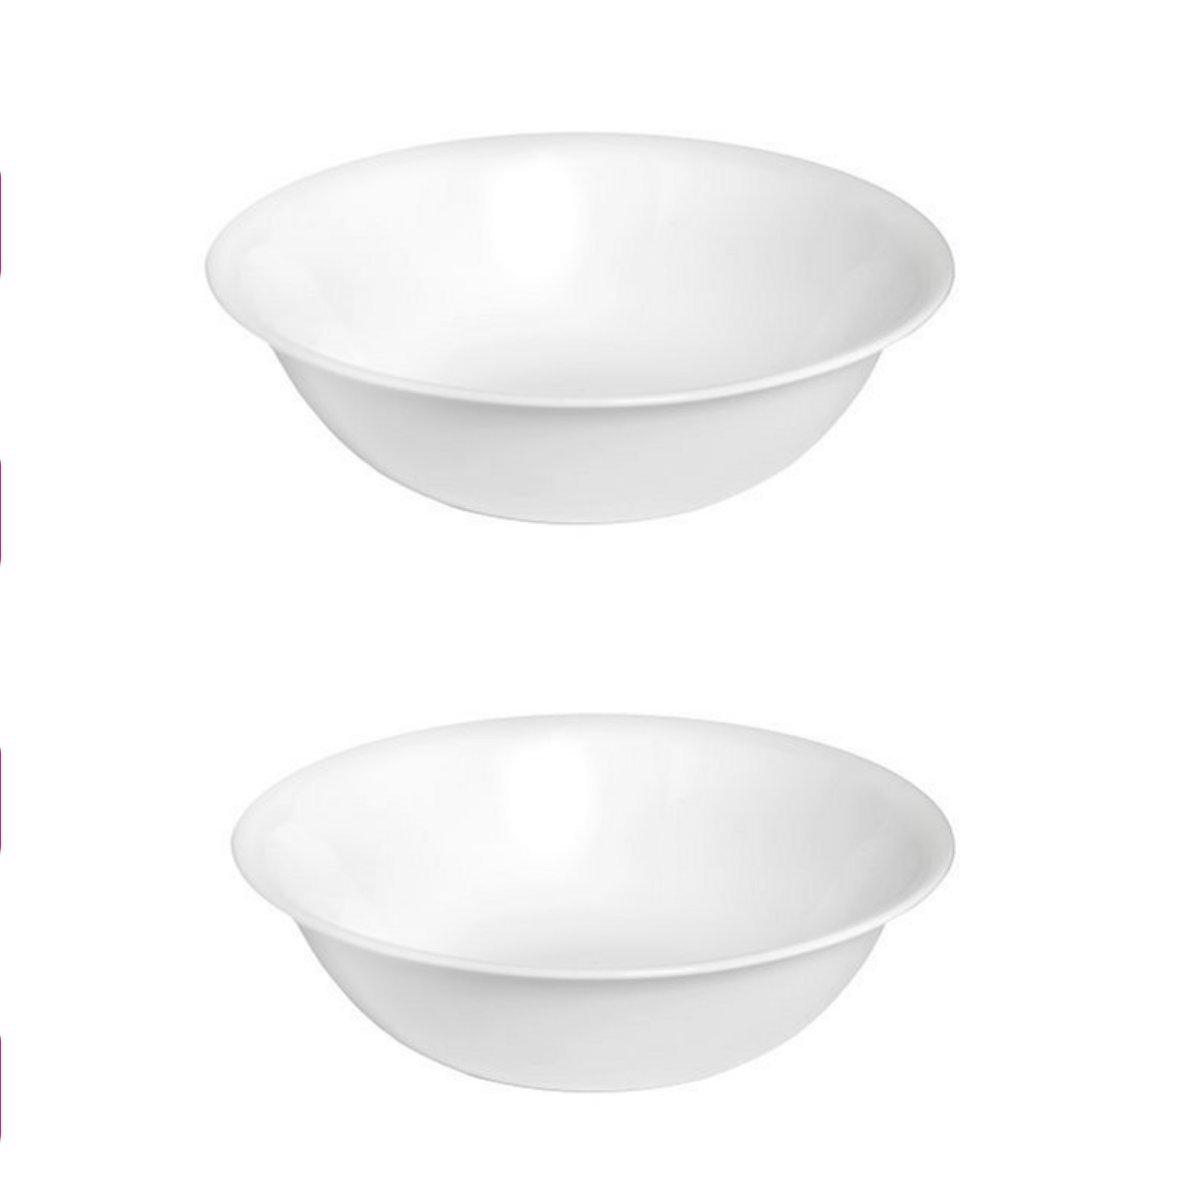 Corelle Livingware 2-Quart Serving Bowl, Winter Frost White 2PK by Corelle